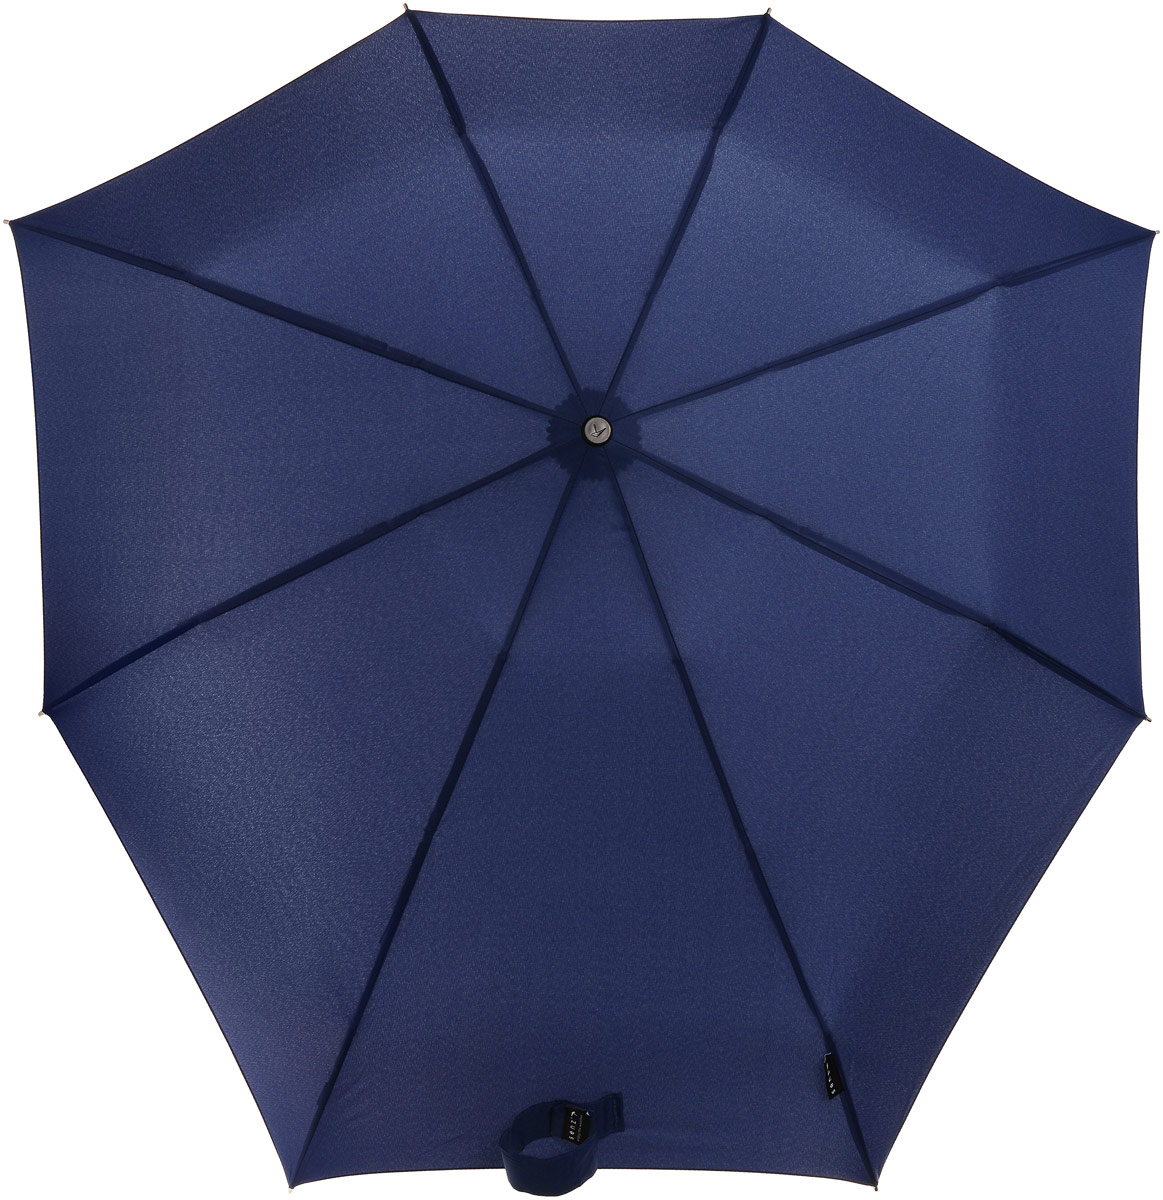 Зонт Senz Smart S, механика, 3 сложения, цвет: темно-синий. 1111021Колье (короткие одноярусные бусы)Инновационный противоштормовой зонт Senz Smart S не даст вам промокнуть.Купол зонта выполнен из качественного полиэстера. Прочный каркас выполнен из стали. Форма купола продумана так, что вы легко найдете самое удобное положение на ветру. Закрывает спину от дождя. Благодаря своей усовершенствованной конструкции, зонт не выворачивается наизнанку даже при сильном ветре. Выдерживает порывы ветра до 60 км/ч. Эргономичная ручка оснащена текстильной петлей, благодаря которой зонт можно носить на запястье.Зонт имеет механический тип сложения: открывается и закрывается вручную.В сложенном виде зонт фиксируется с помощью широкого хлястика с липучкой. К зонту прилагается чехол, который оснащен съемной ручкой на кнопках.